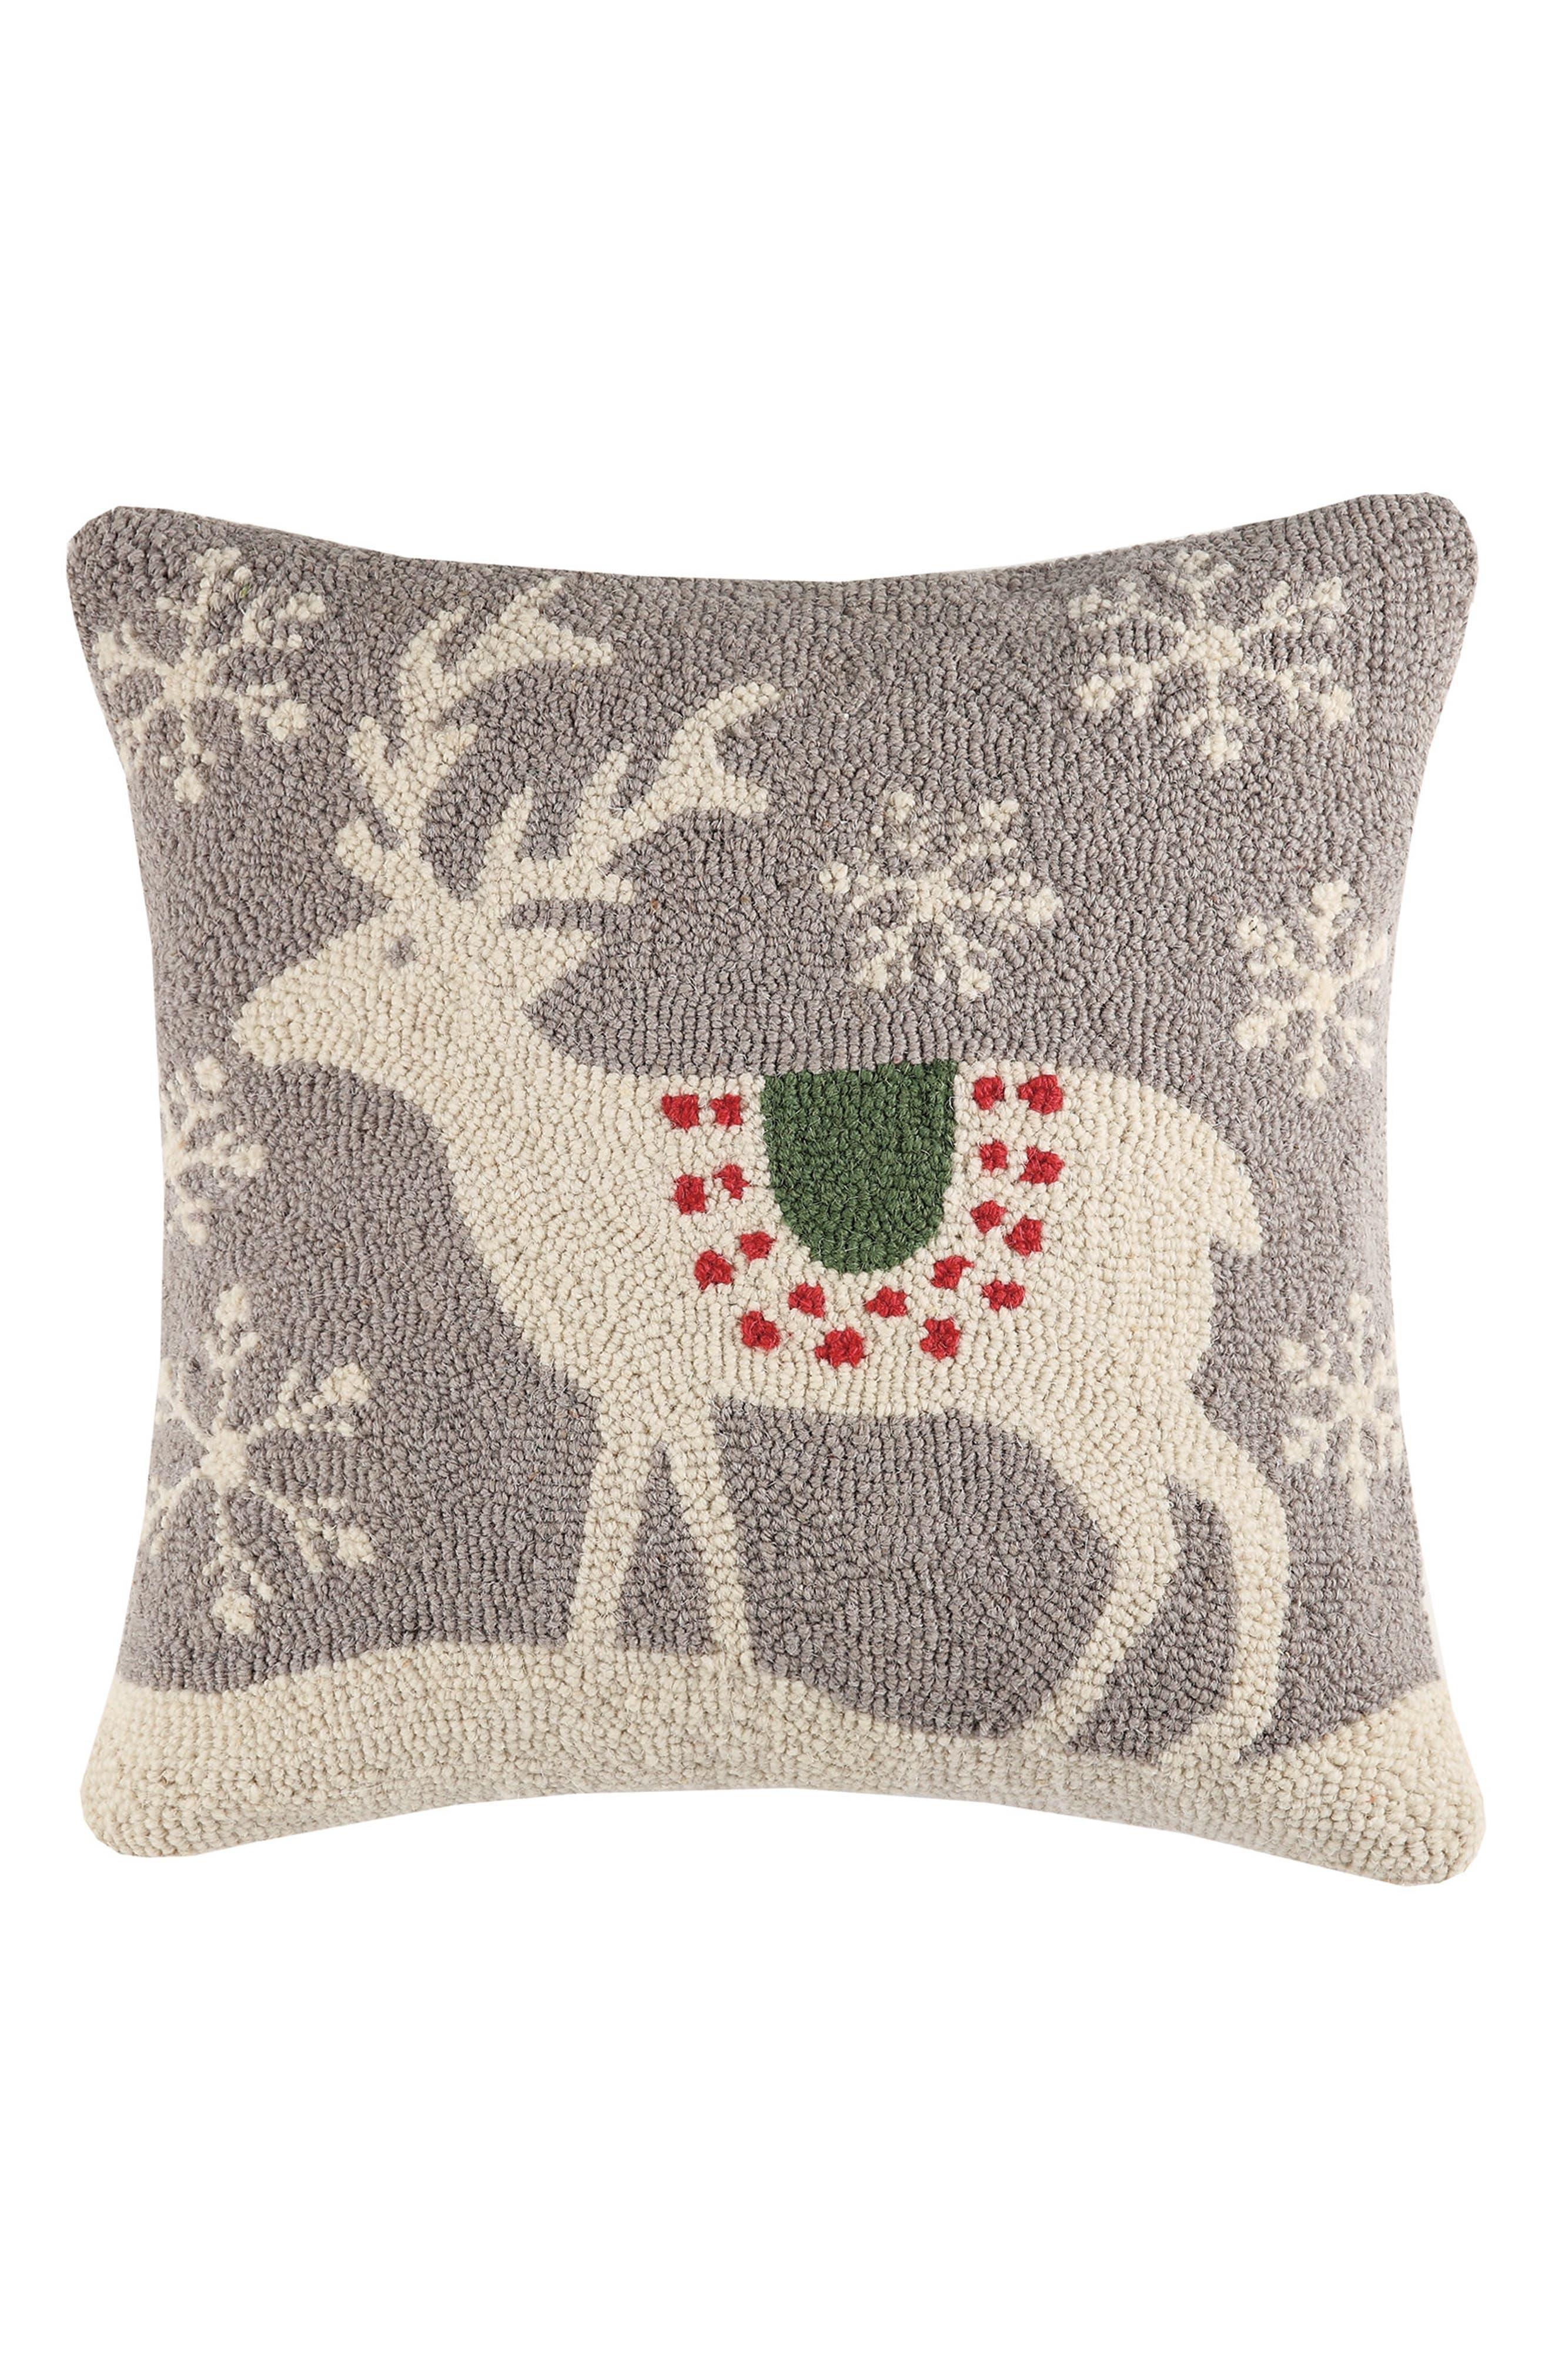 Scandinavian Reindeer Hooked Accent Pillow,                         Main,                         color, Grey